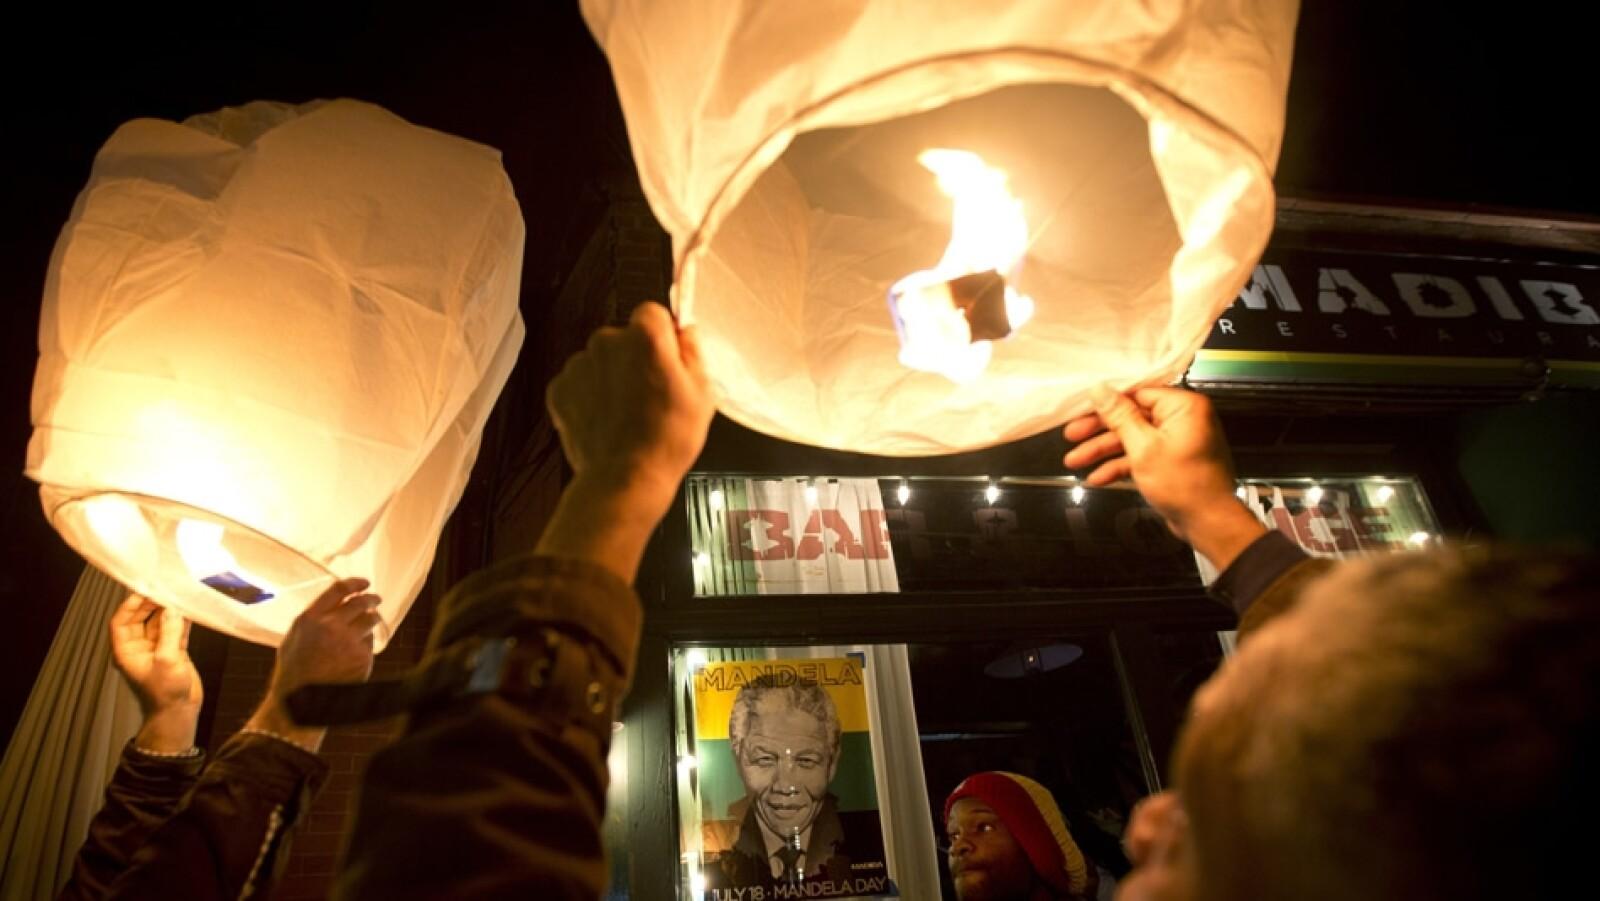 Nueva York gente despide Mandela